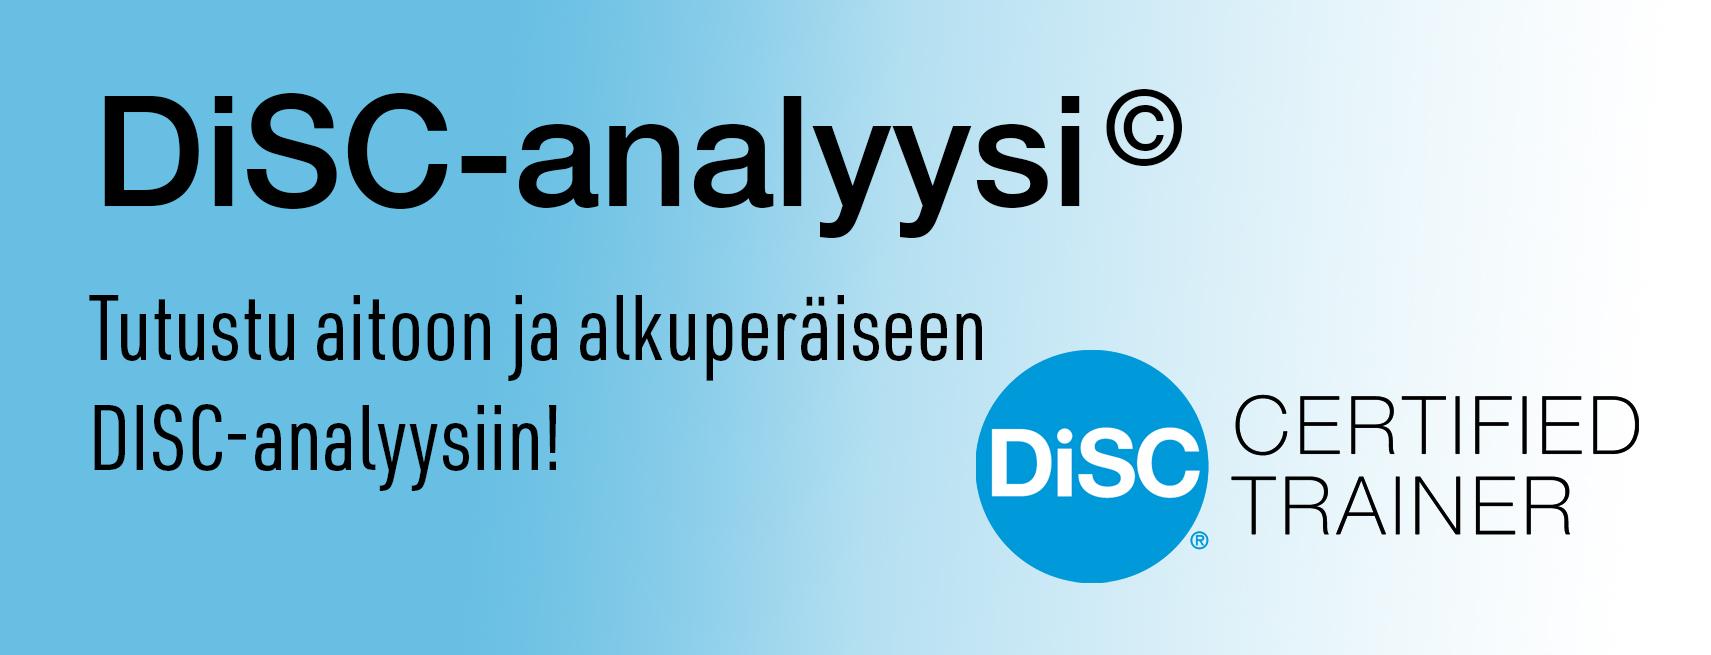 Disc-analyysi-button